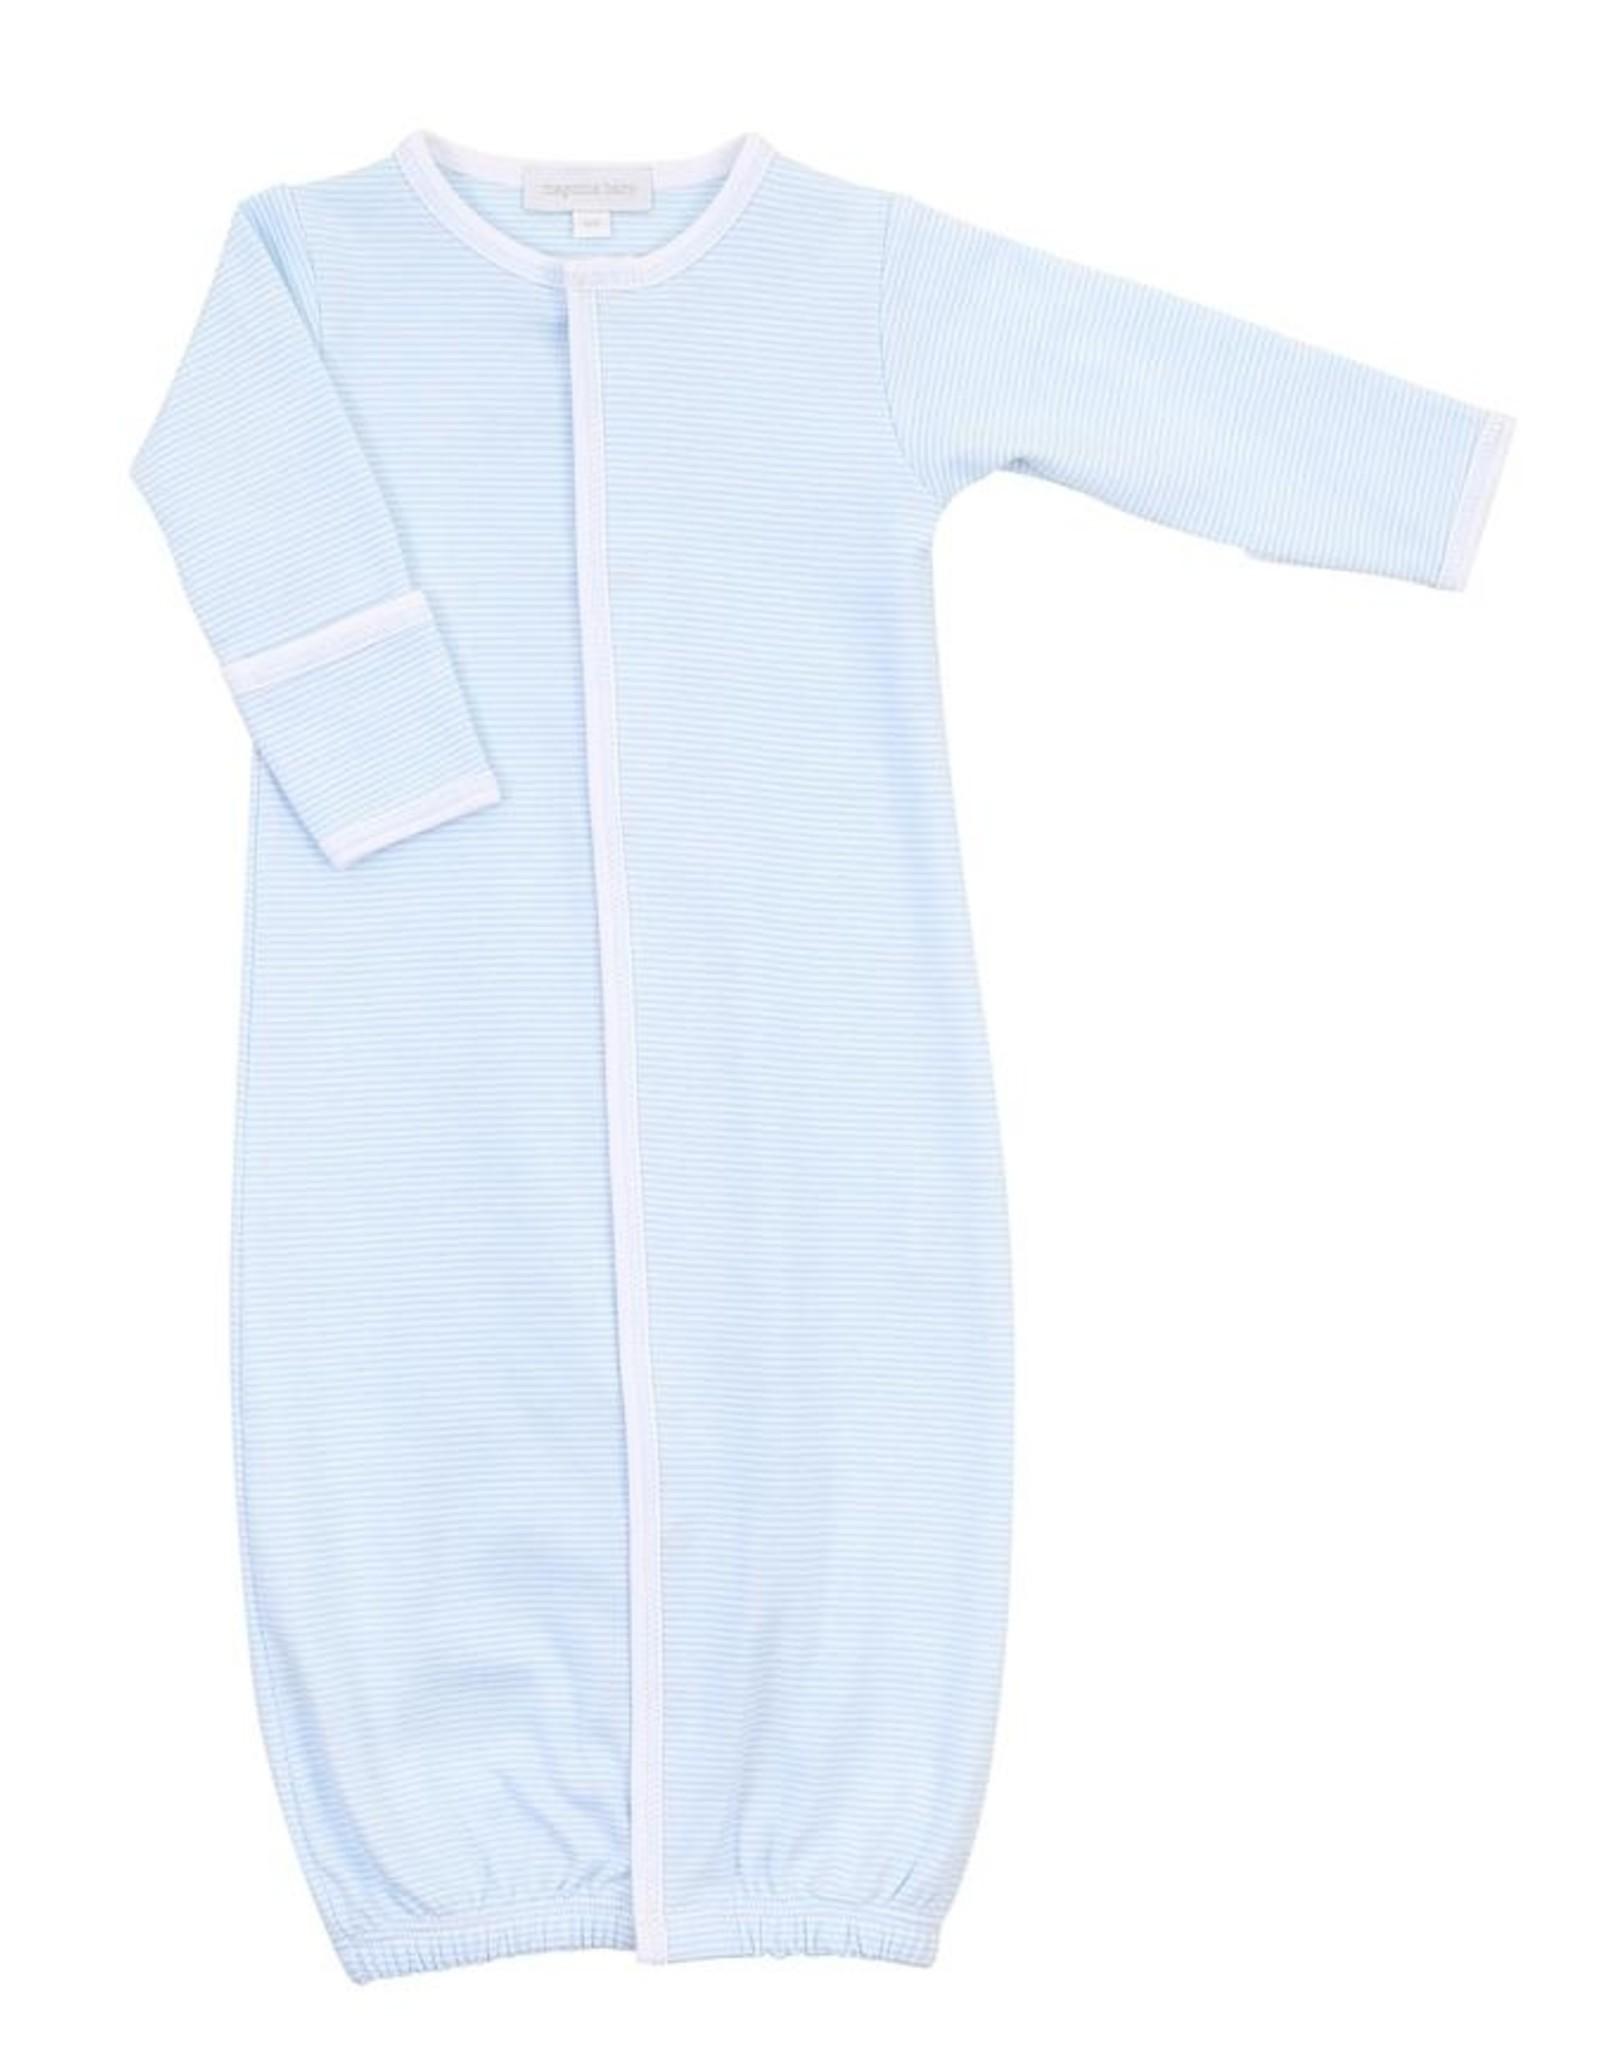 Magnolia Baby Mini Stripe Essentials Converter